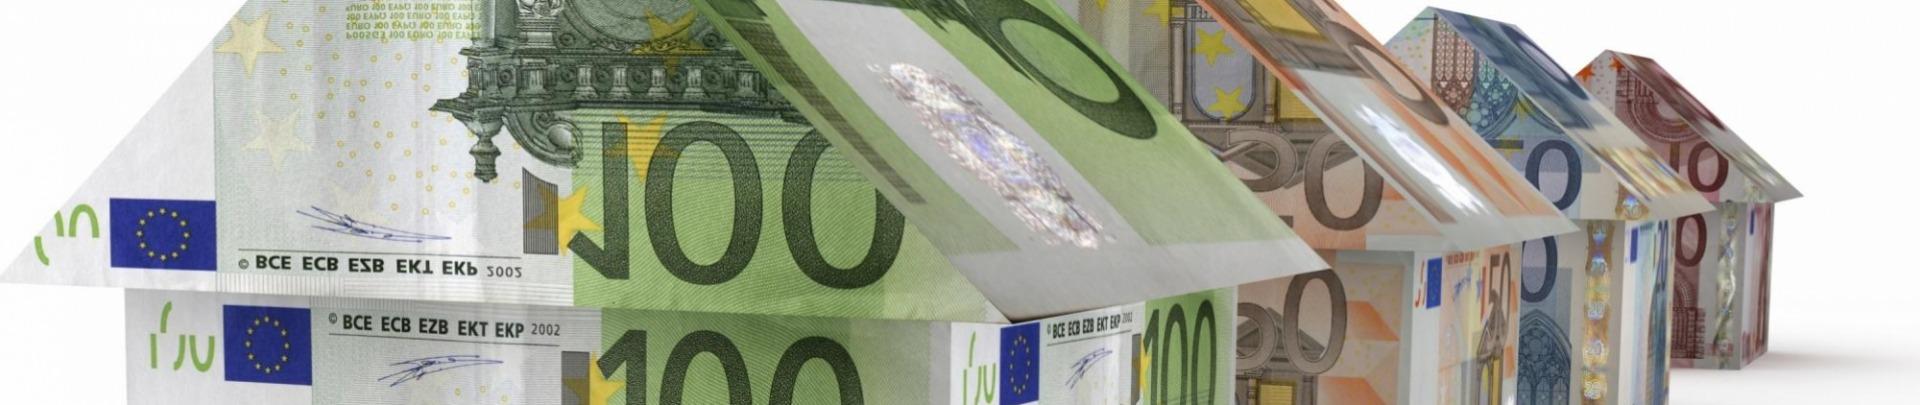 Huisje van 100 euro biljetten